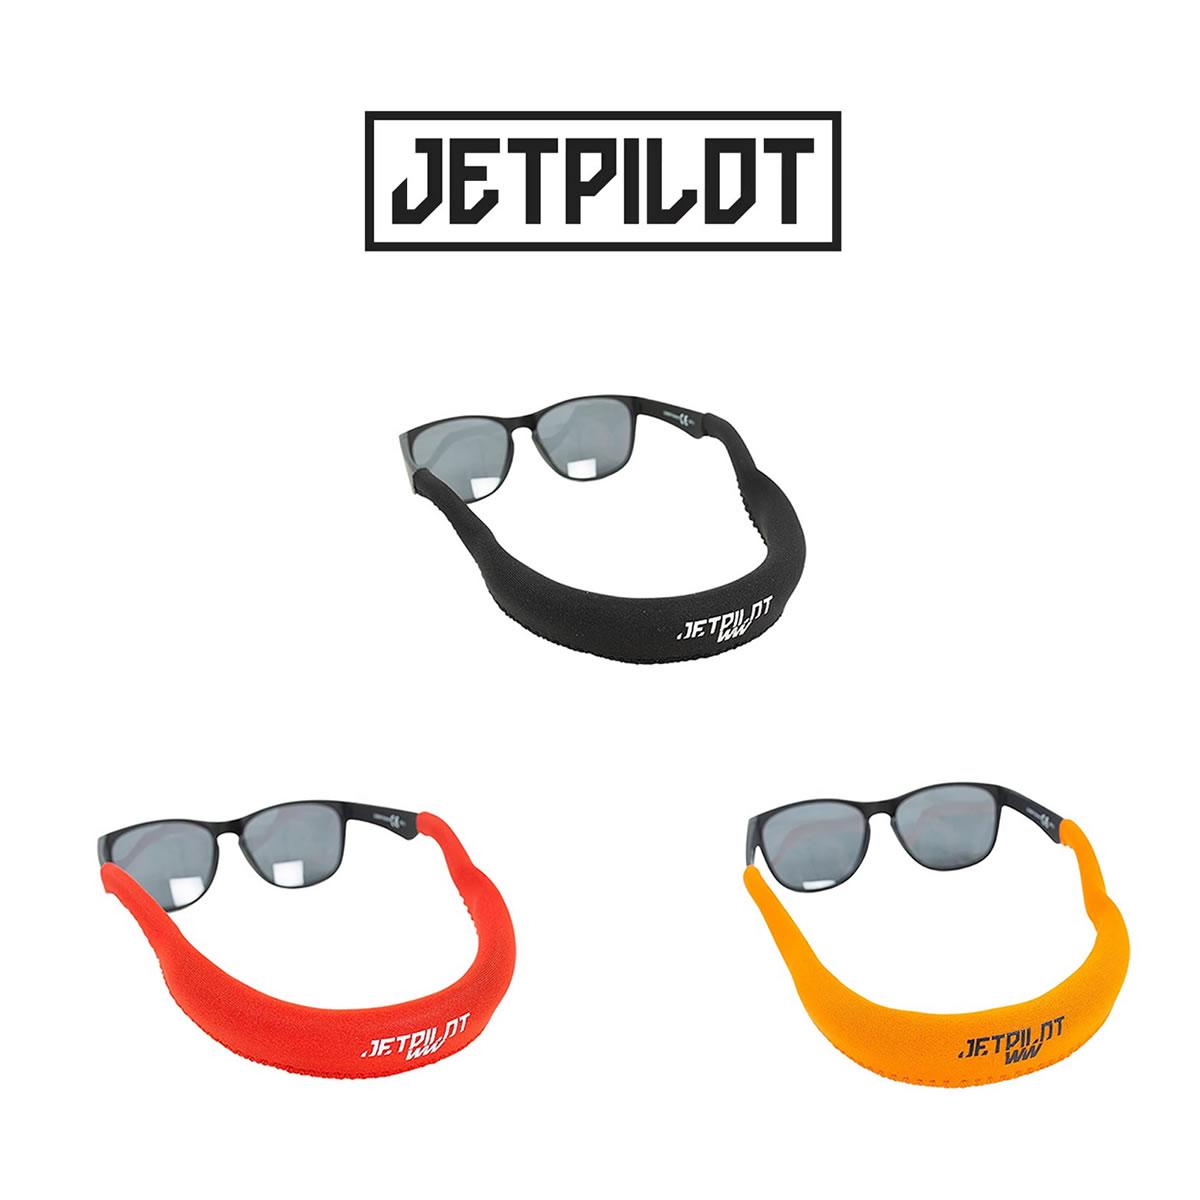 JETPILOT(ジェットパイロット)フローティングサングラスストラップ(JA21996)・レターパックライト対応